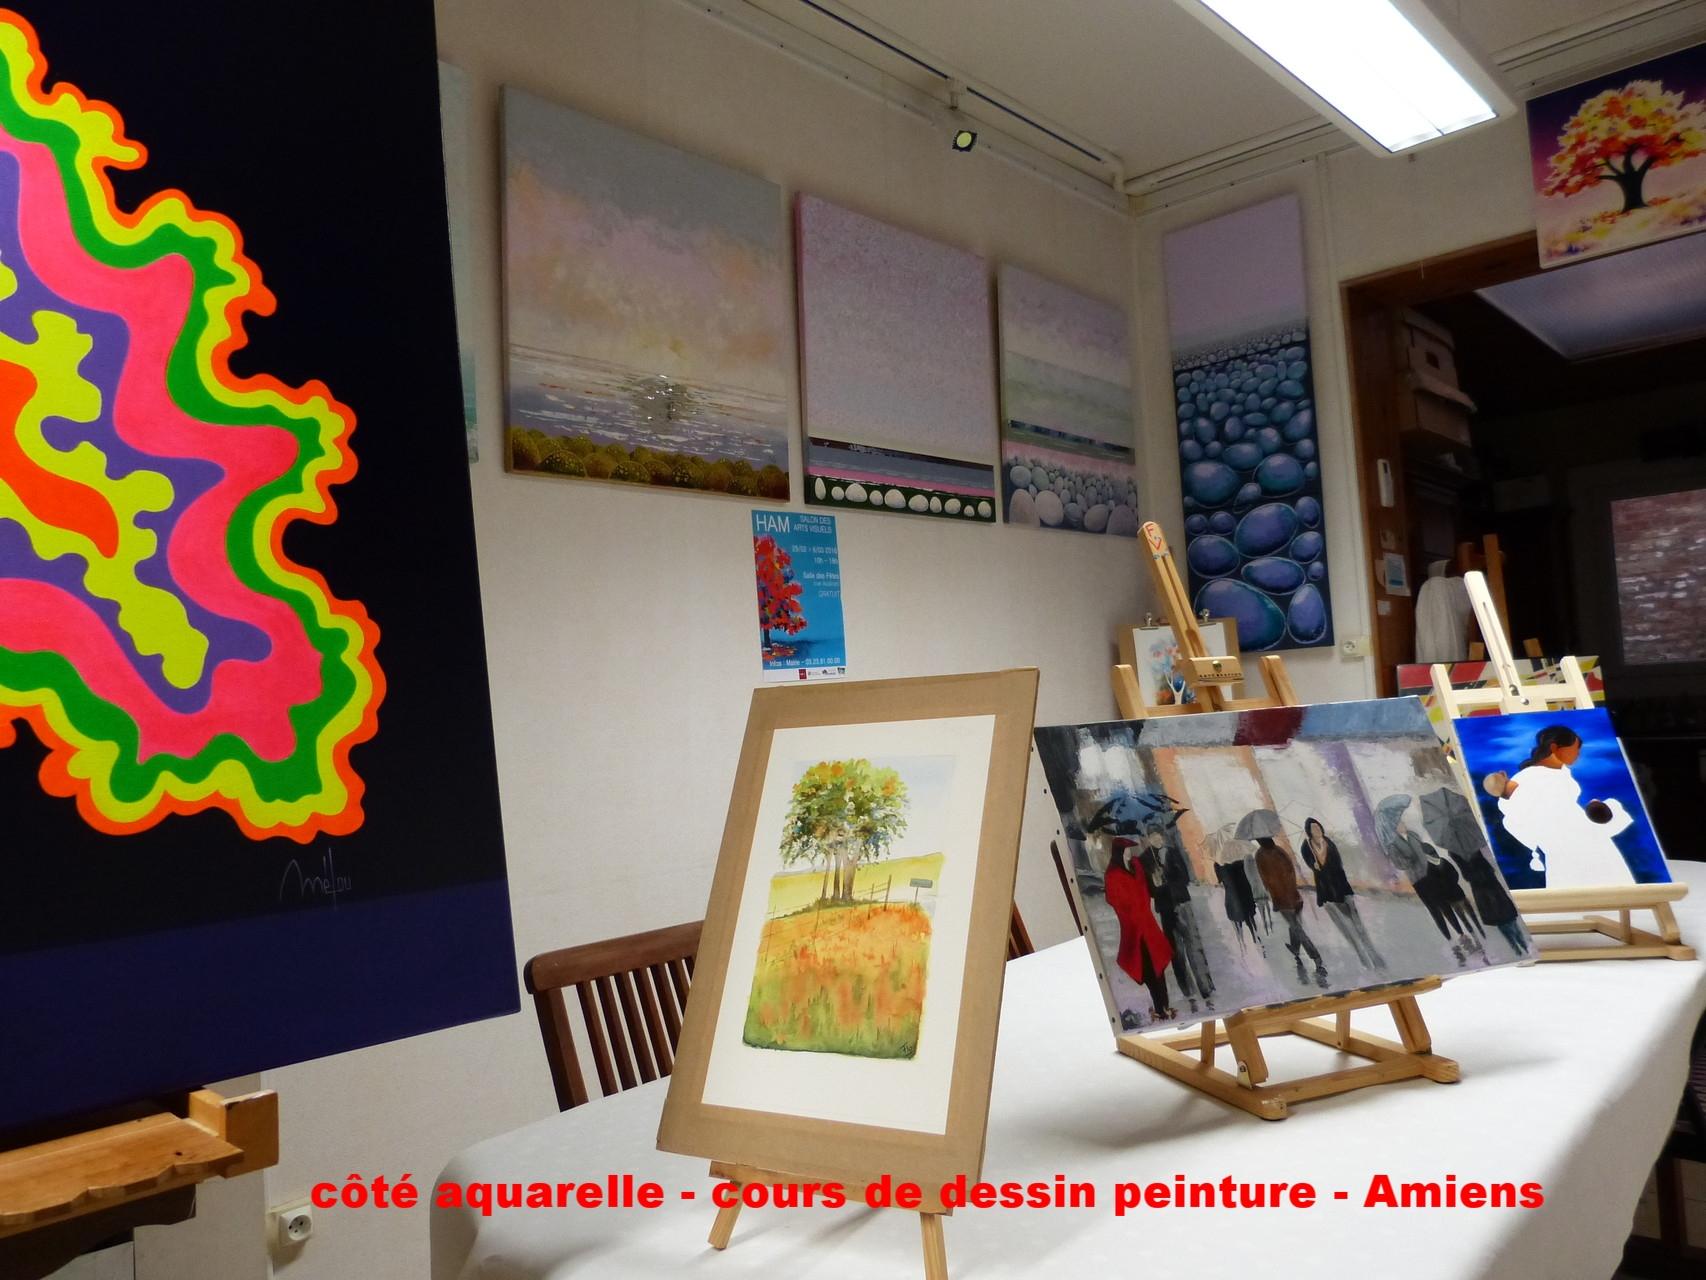 accueil - coté aquarelle cours de dessin et peinture à amiens